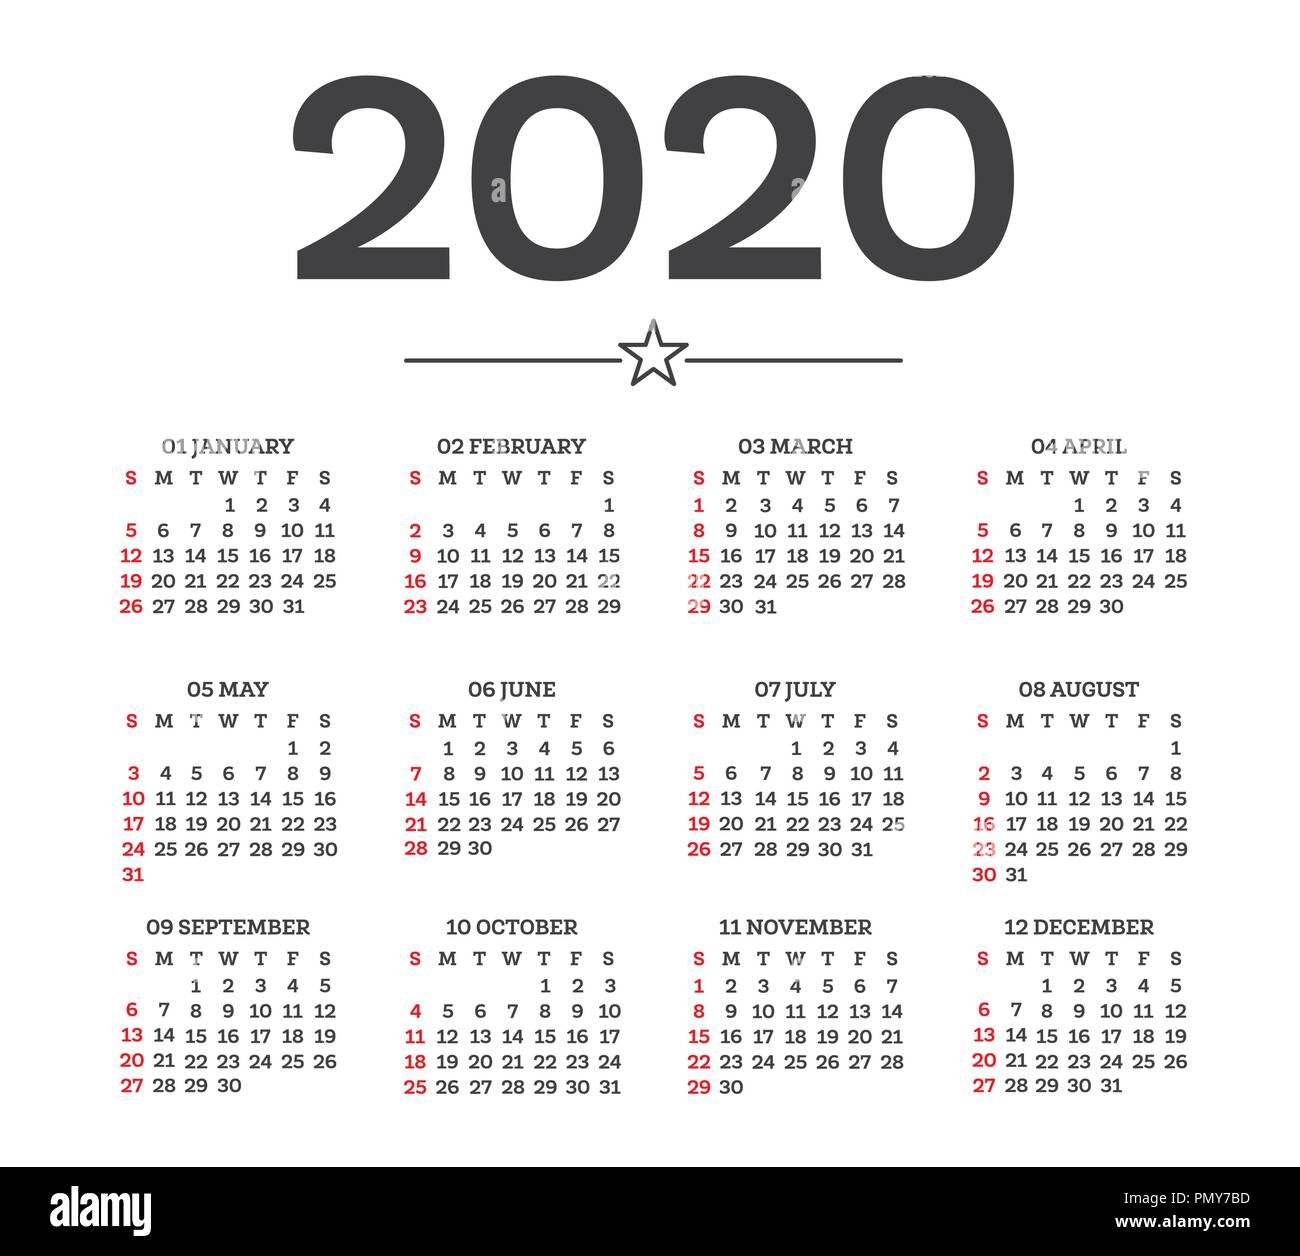 Settimane Calendario 2020.Calendario 2020 Isolati Su Sfondo Bianco Inizia Settimana